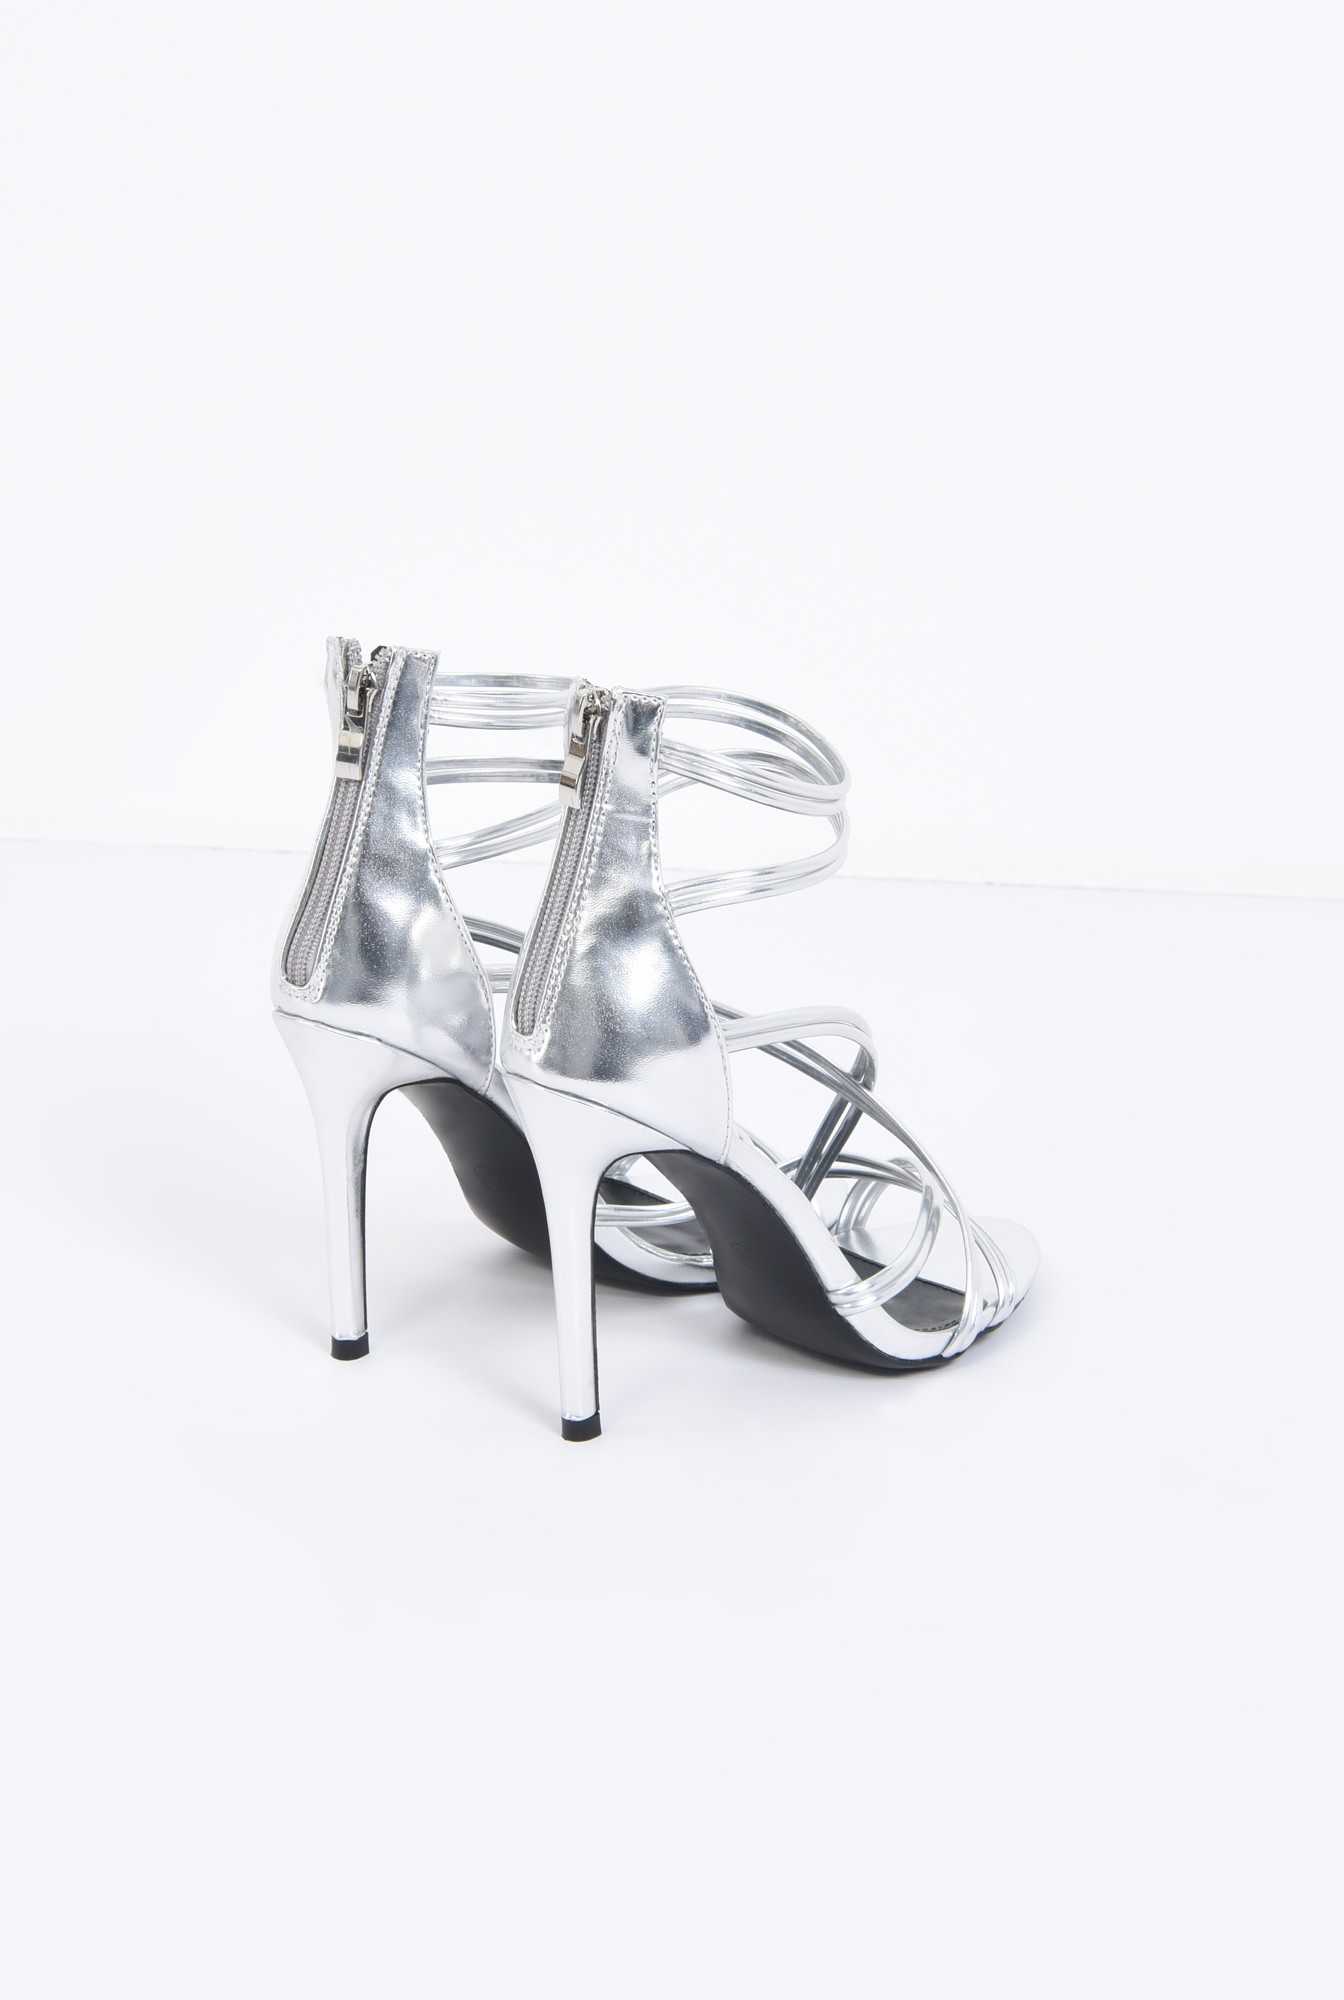 2 - sandale elegante, argintii, stiletto